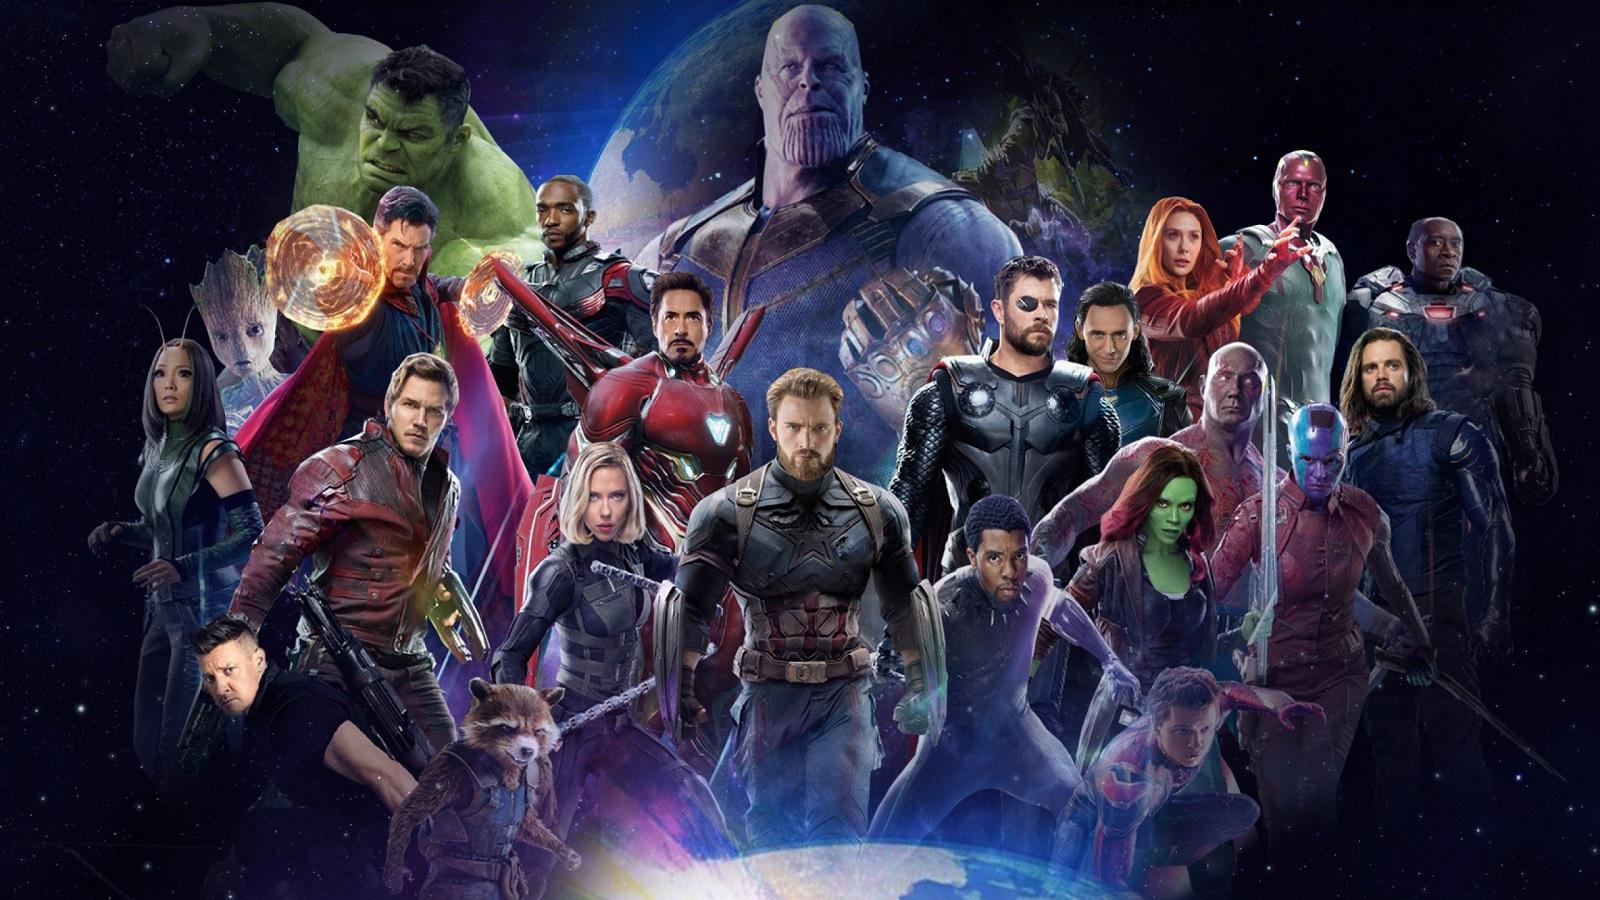 от железного человека до мстителей финал все фильмы